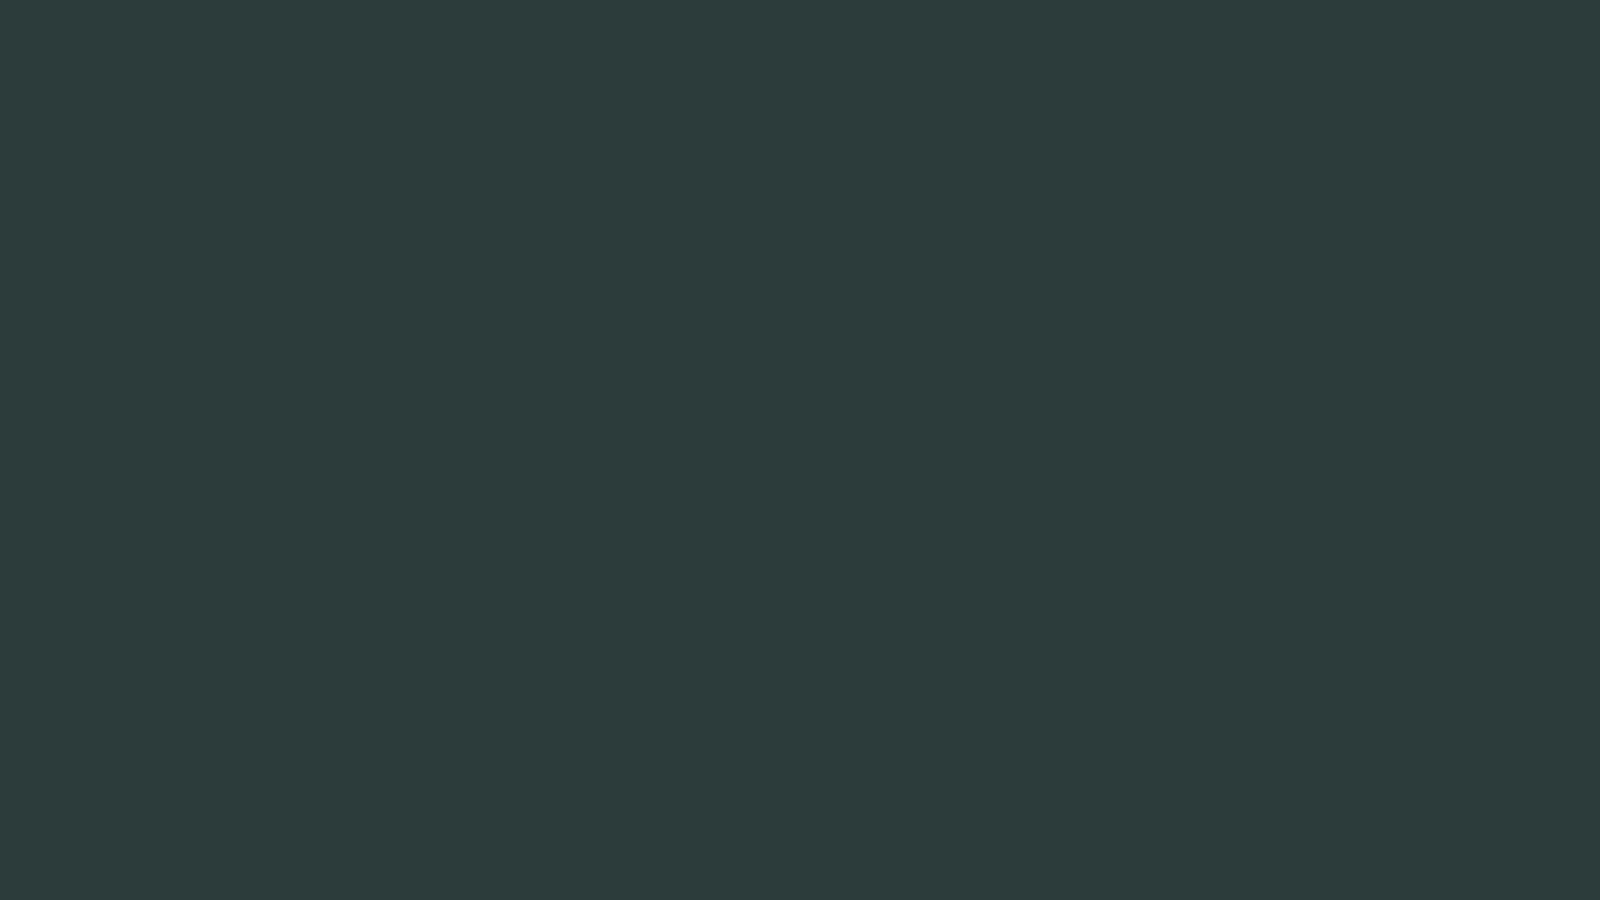 Лента ABS 067 Матовая 27х1мм, Grigio Reale (серый графит)